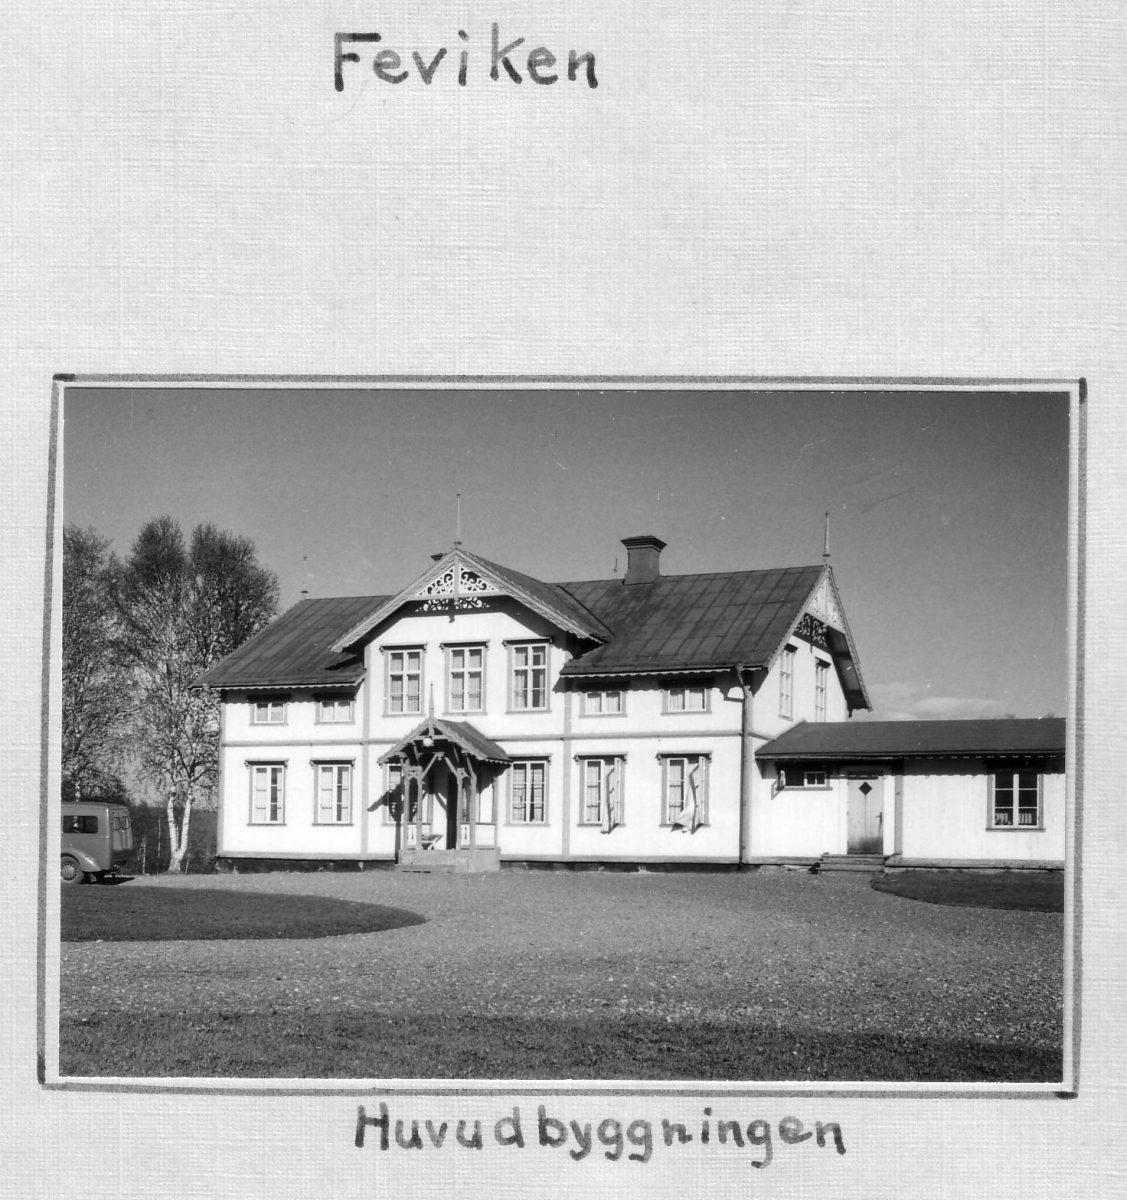 S.55 Huvudbyggningen Feviken